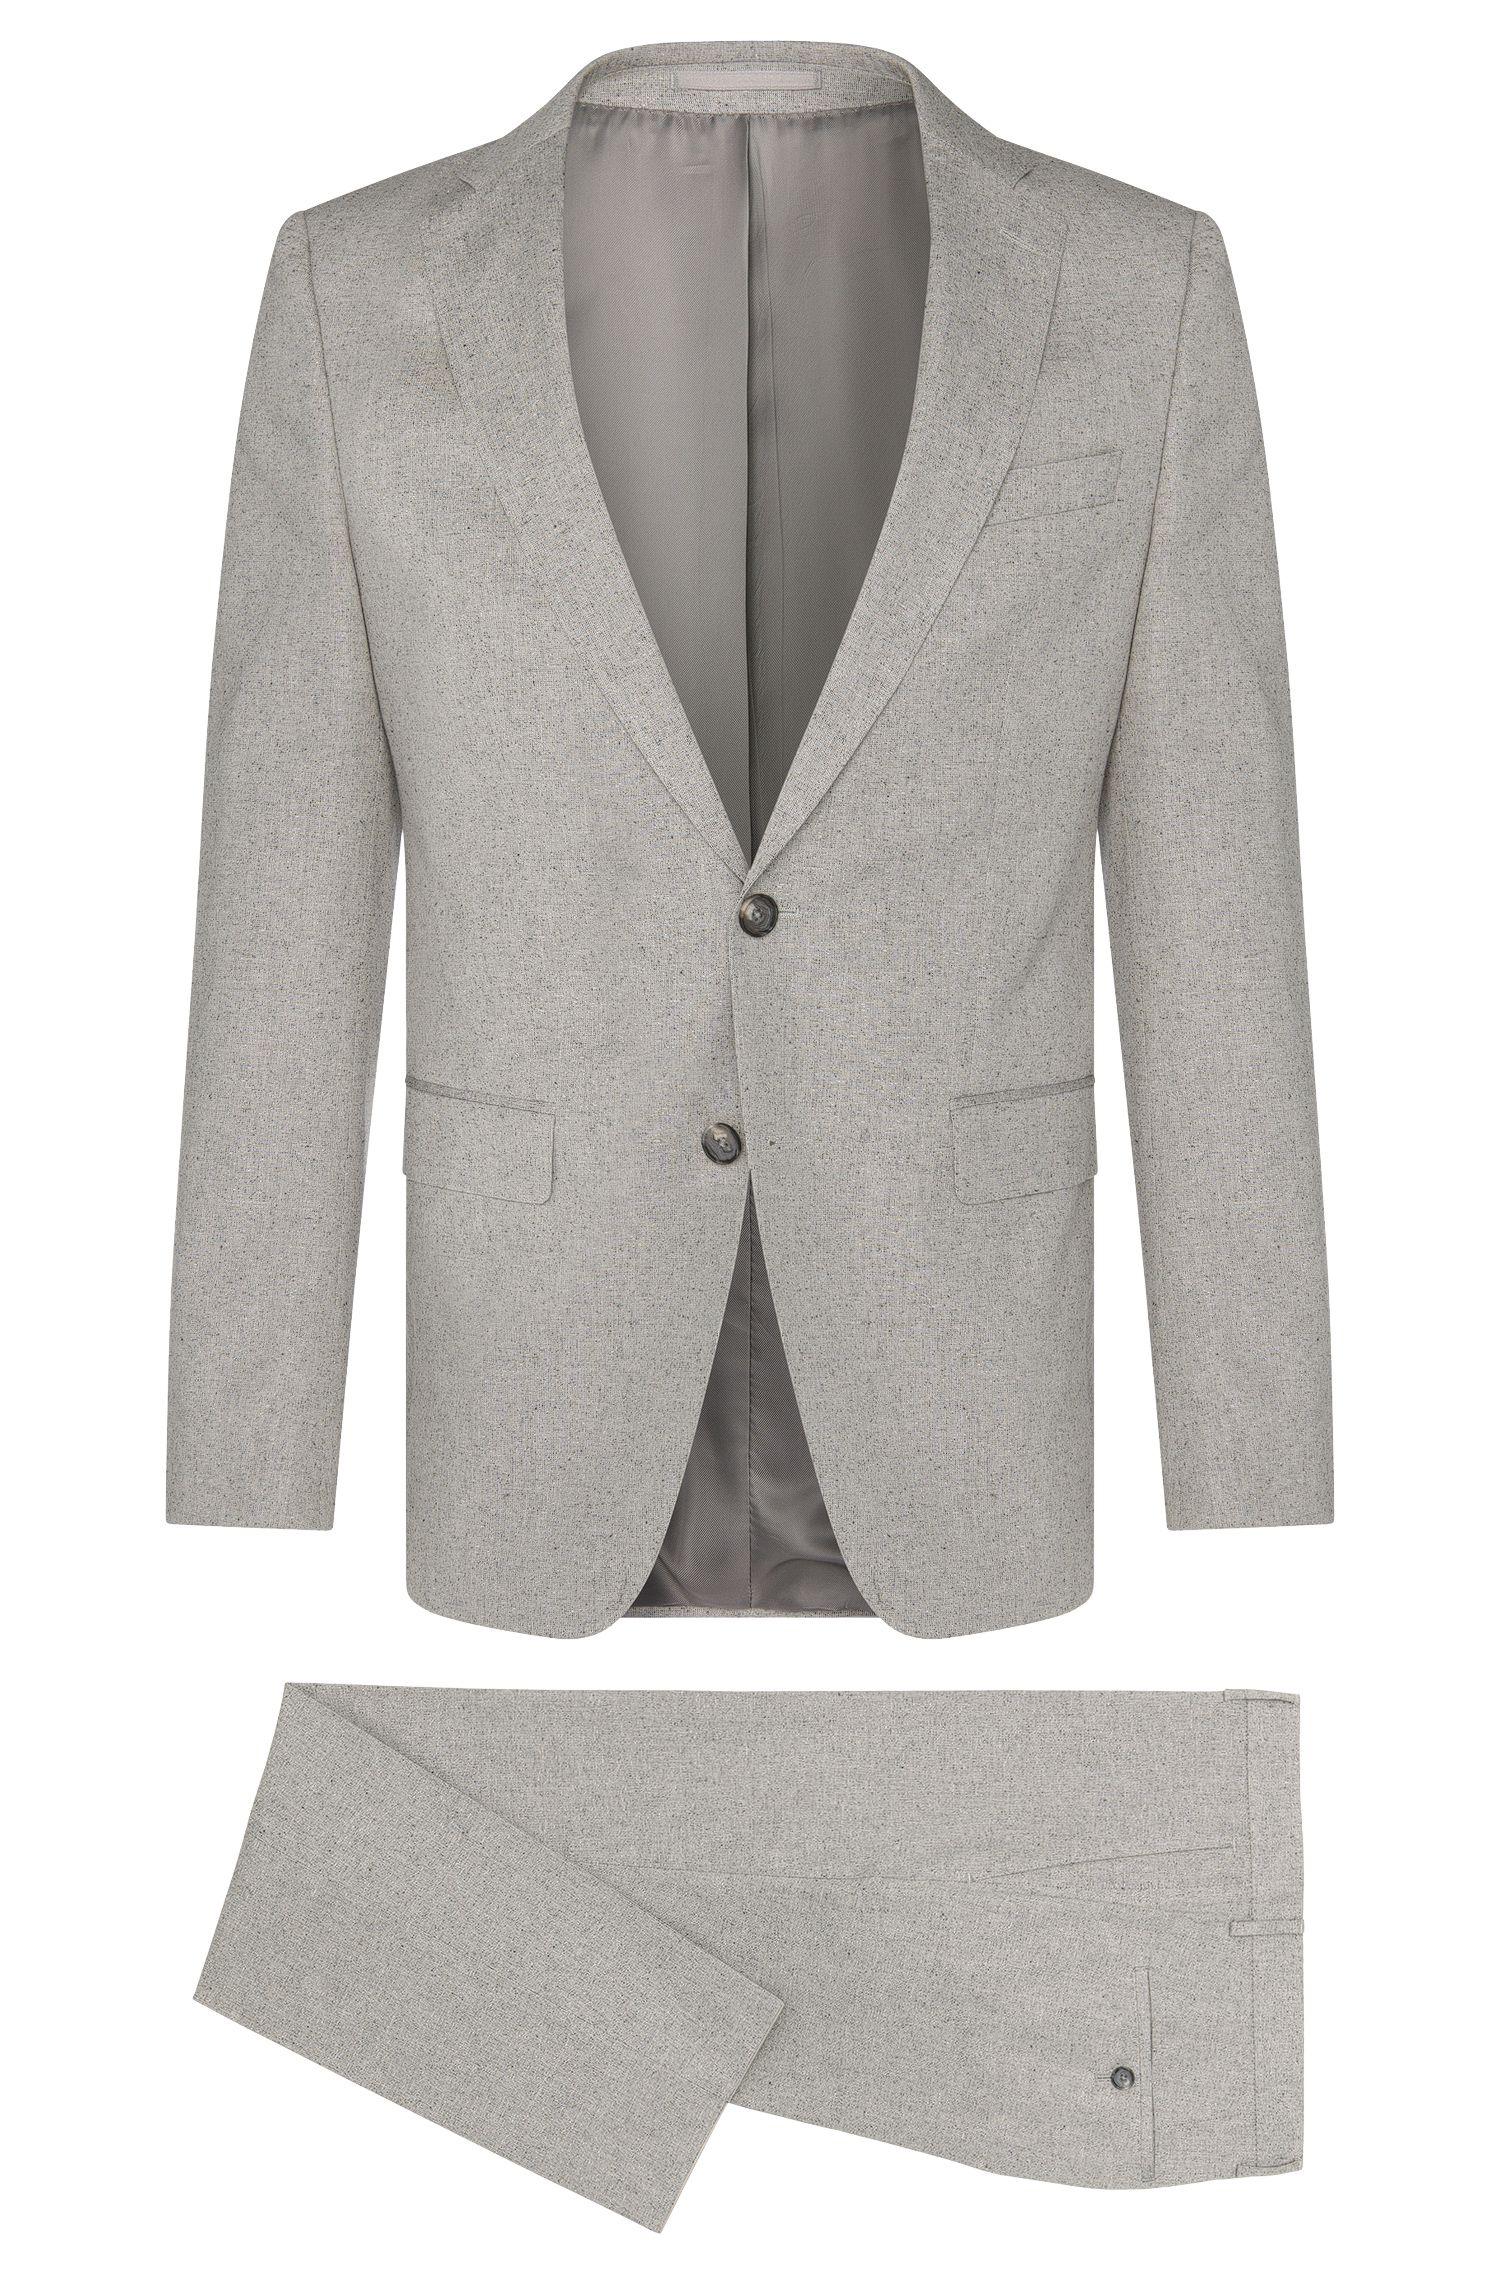 Heather Cotton Silk Suit, Slim Fit | Novan/Ben